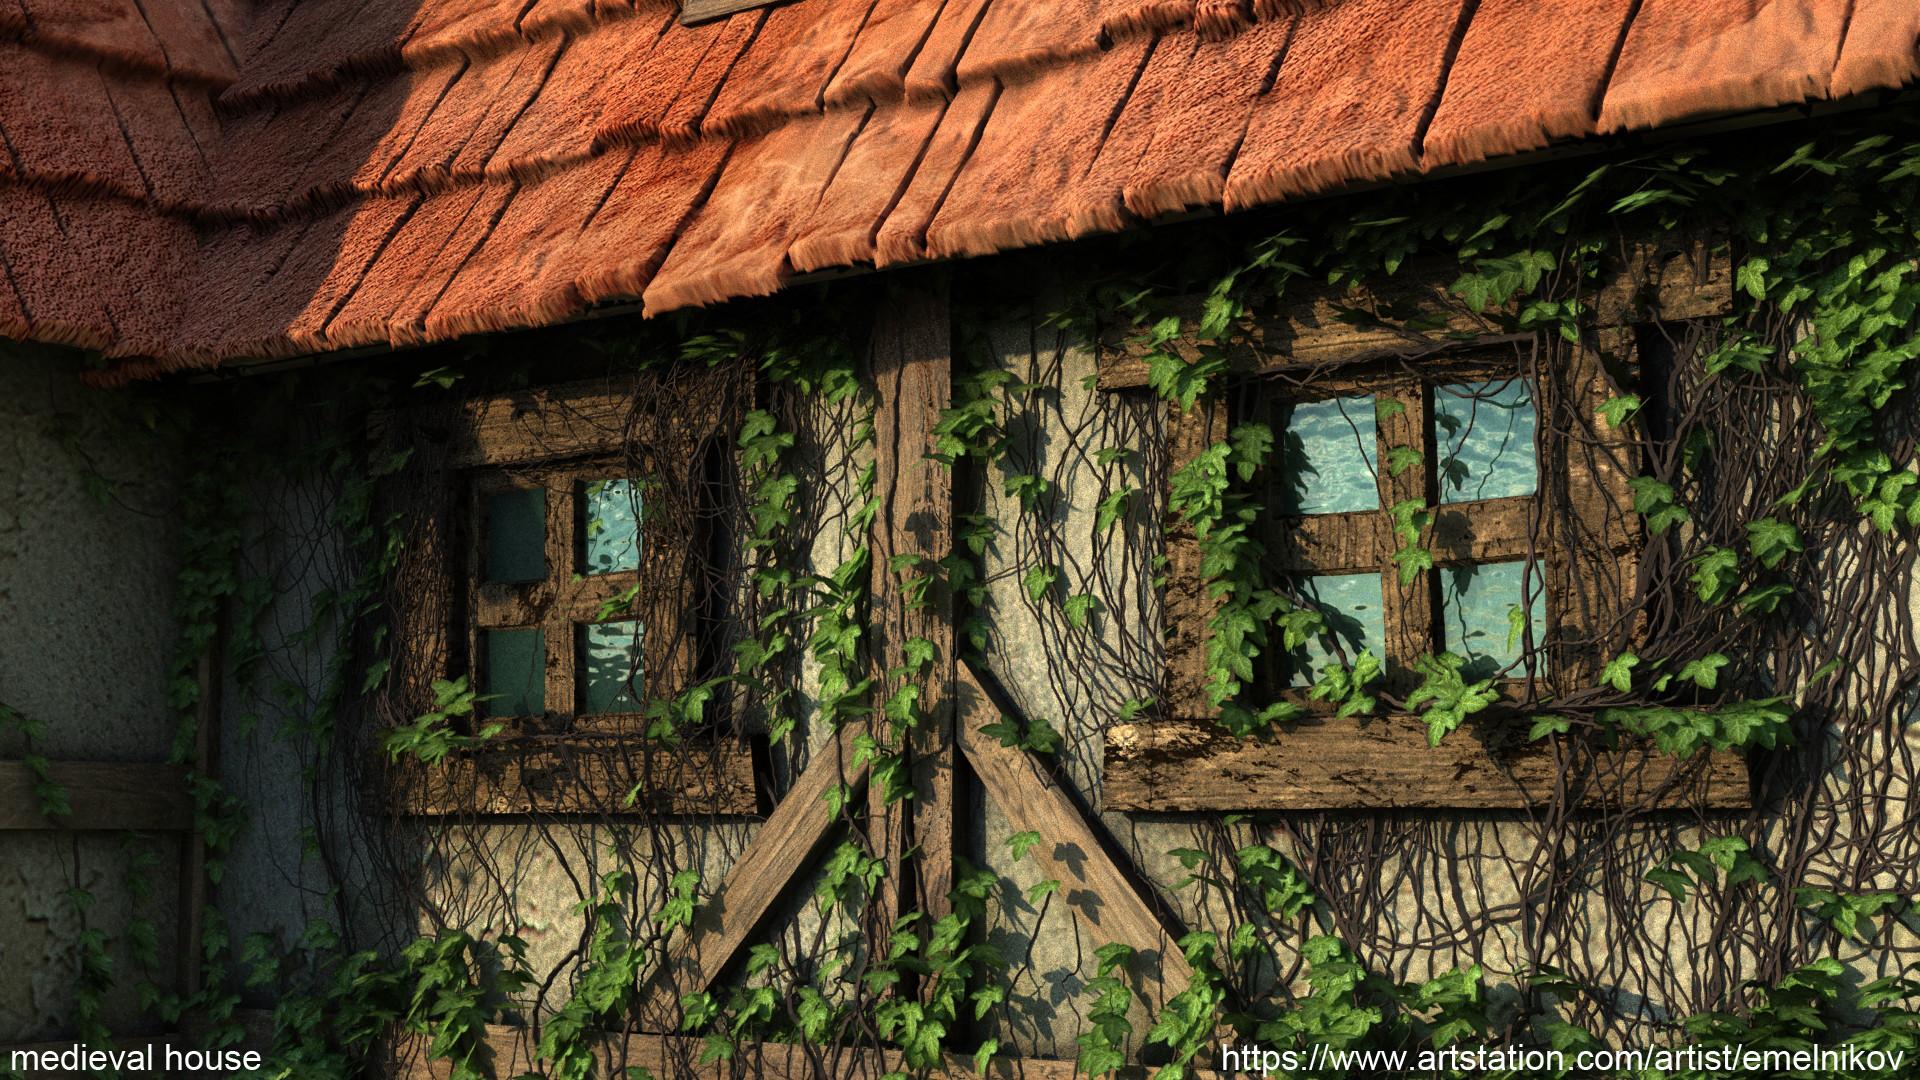 Eugene melnikov medieval house1 render frm15